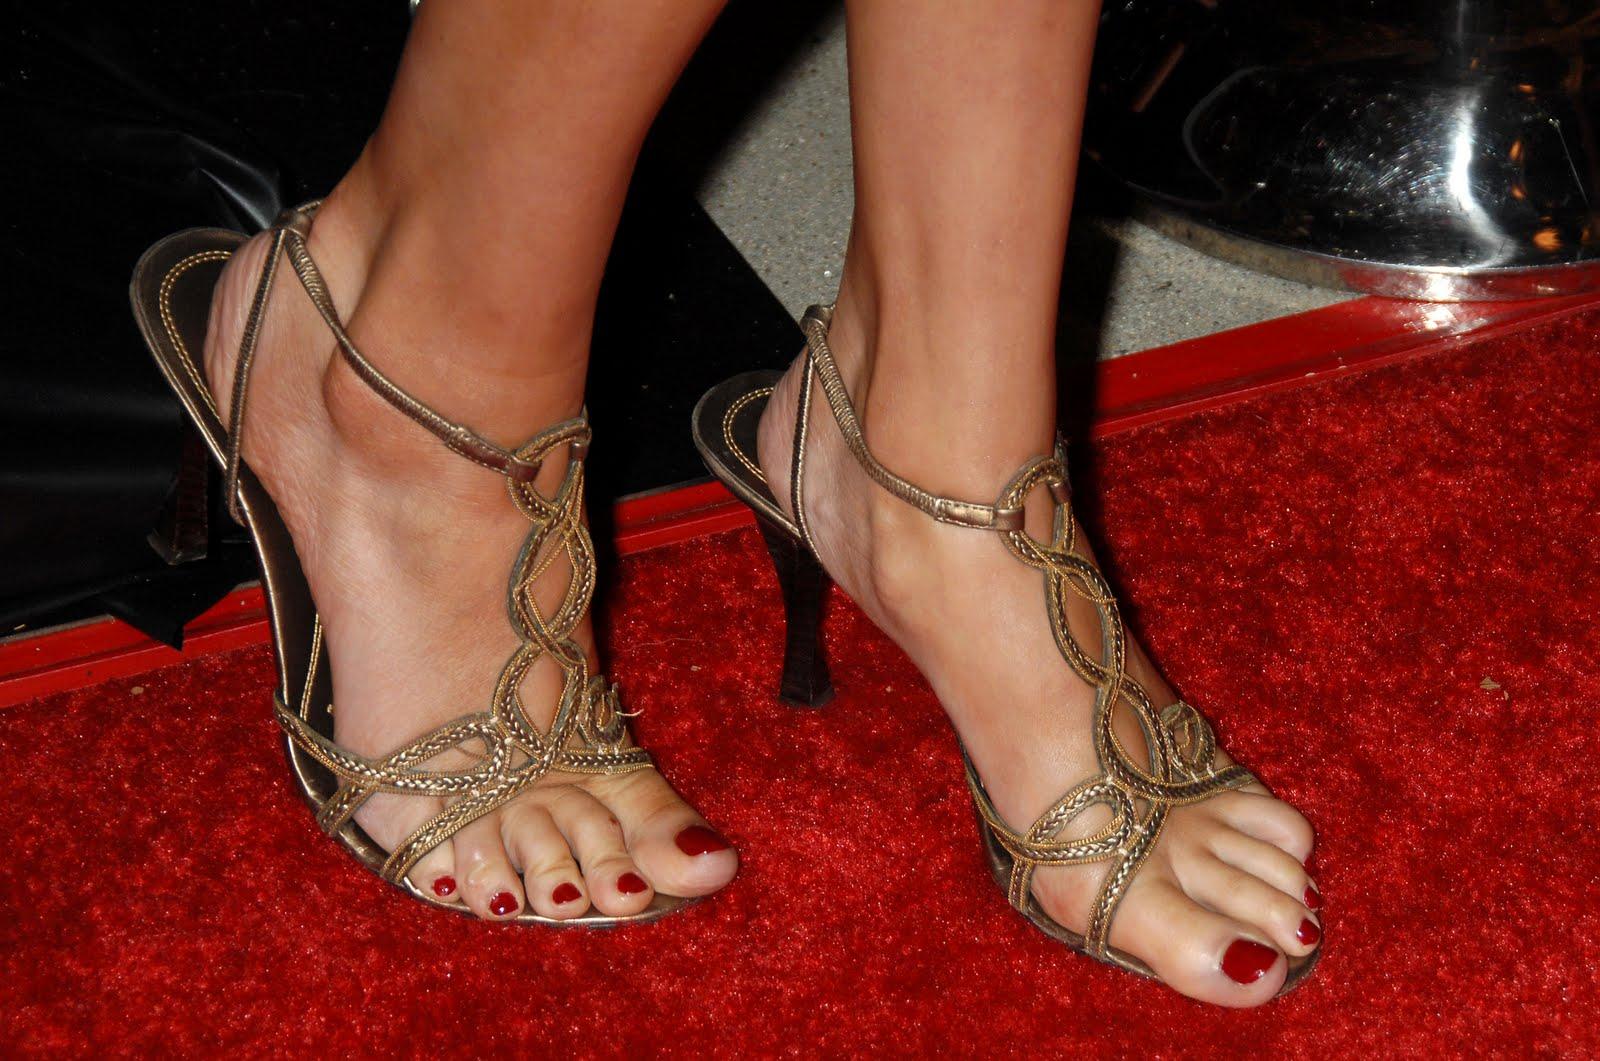 http://4.bp.blogspot.com/_UaLWp72nij4/S_7Pj_UMnTI/AAAAAAAAMy0/KeC-qIoE5qo/s1600/maggie-grace-feet.jpg